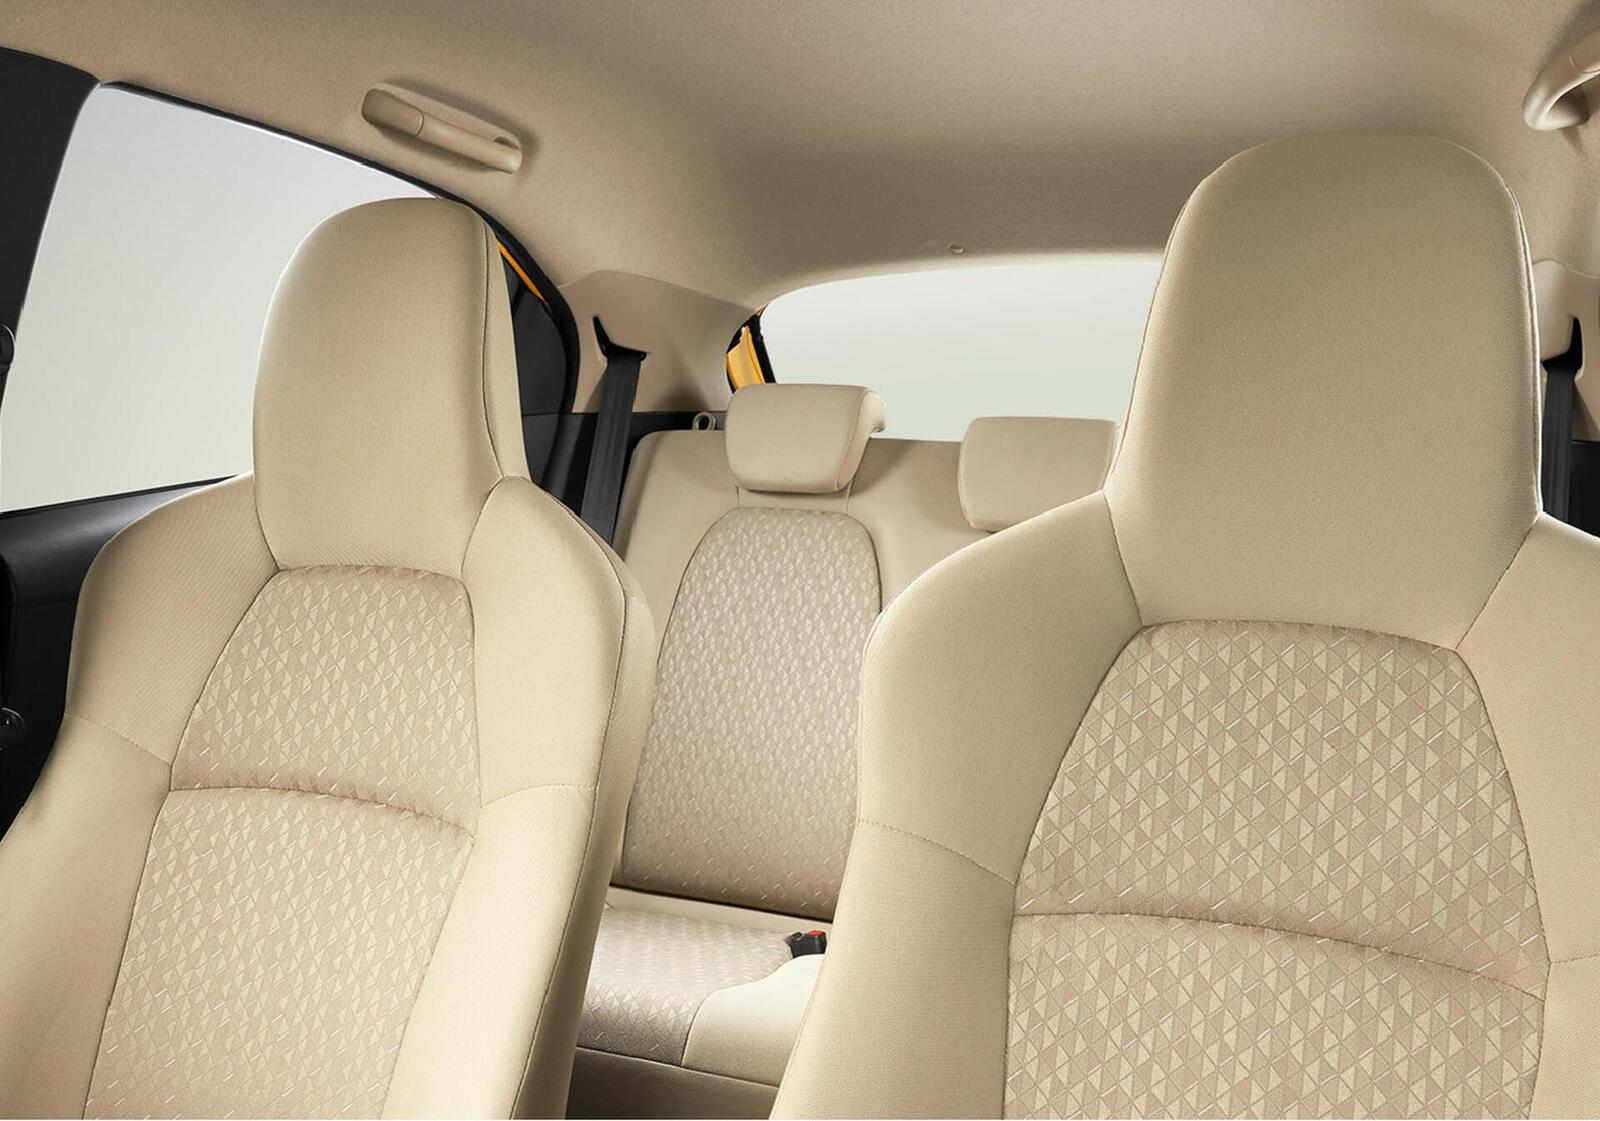 Dự đoán 3 phiên bản Honda Brio sắp ra mắt vào ngày 18.06 sắp tới - Hình 16